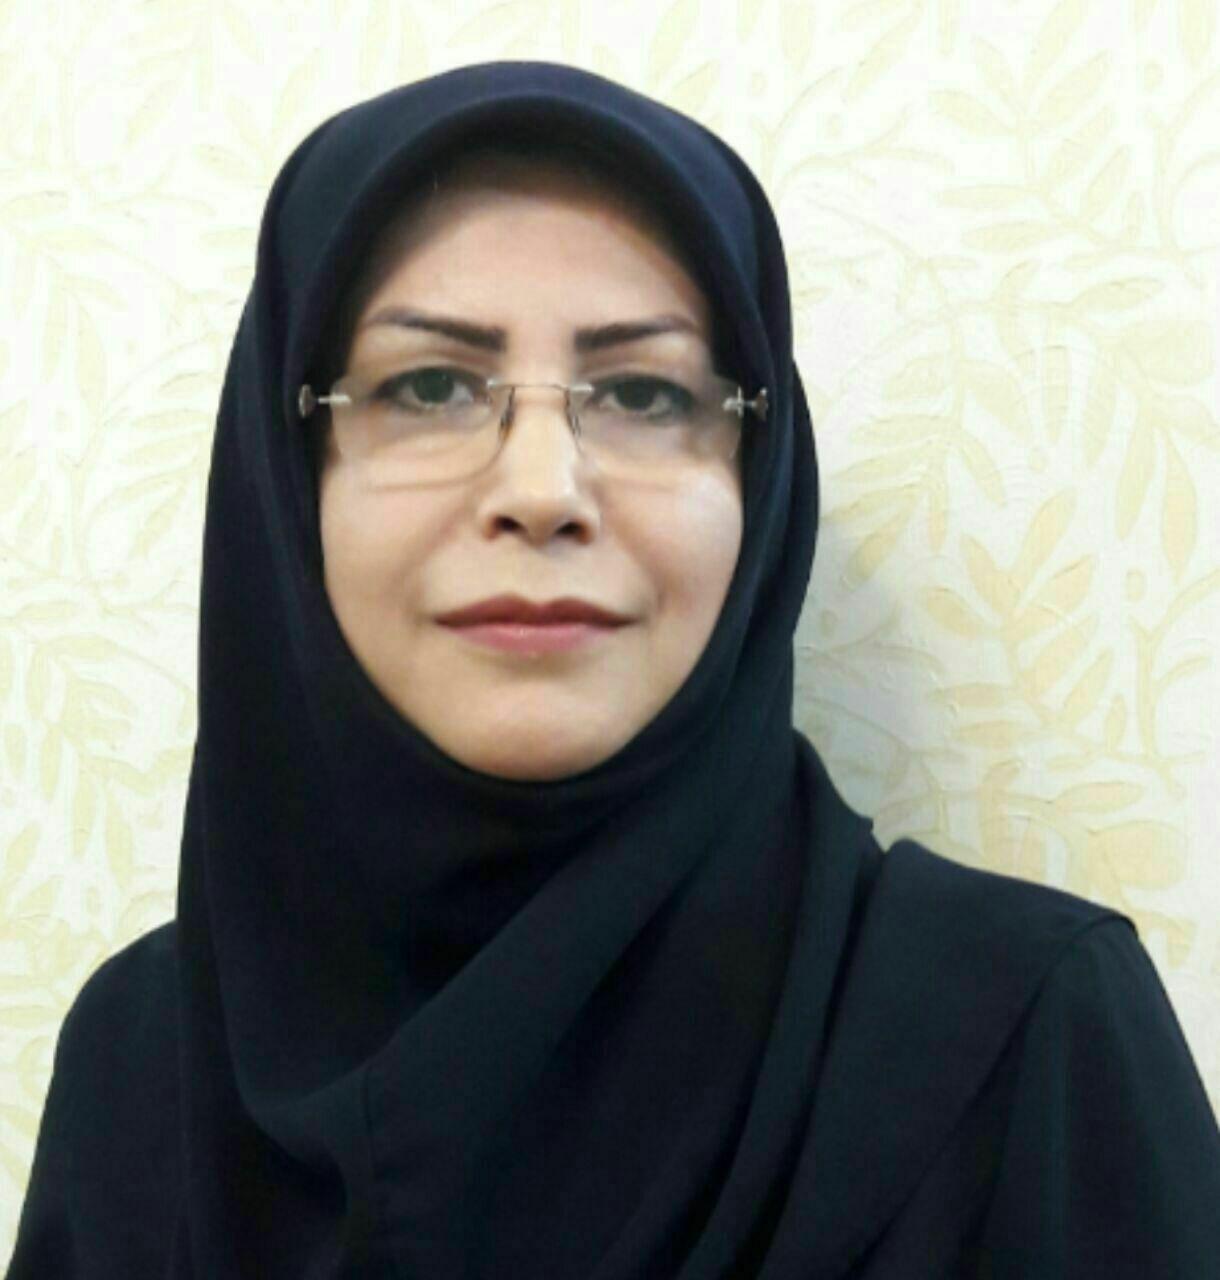 واکاوی خودسوزی زنان در ایران - گیل نگاه